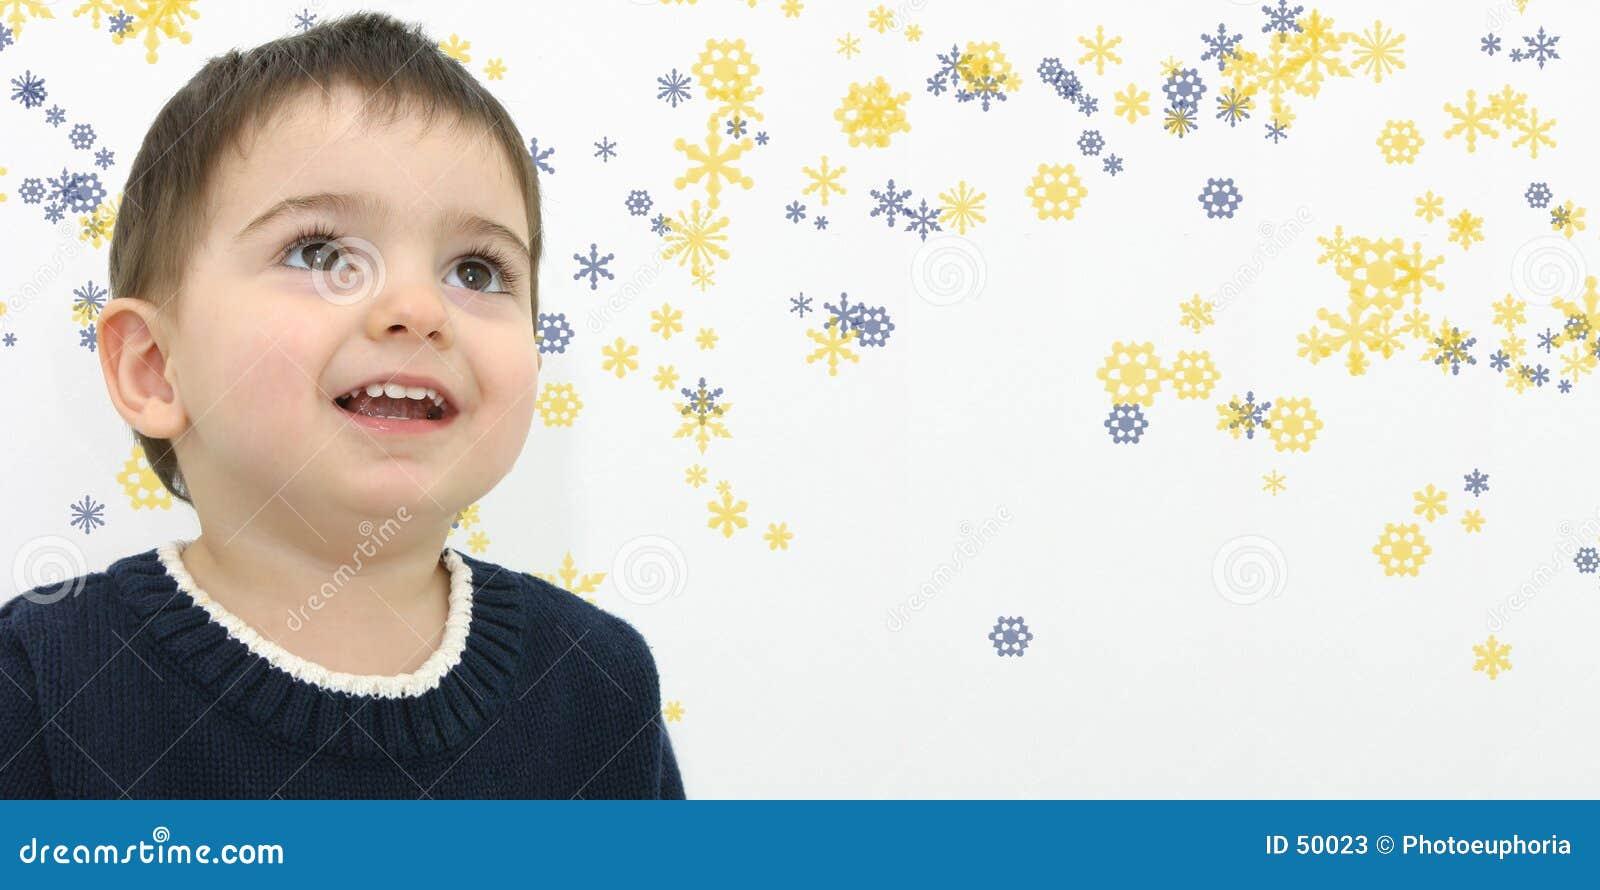 背景男孩儿童雪花冬天